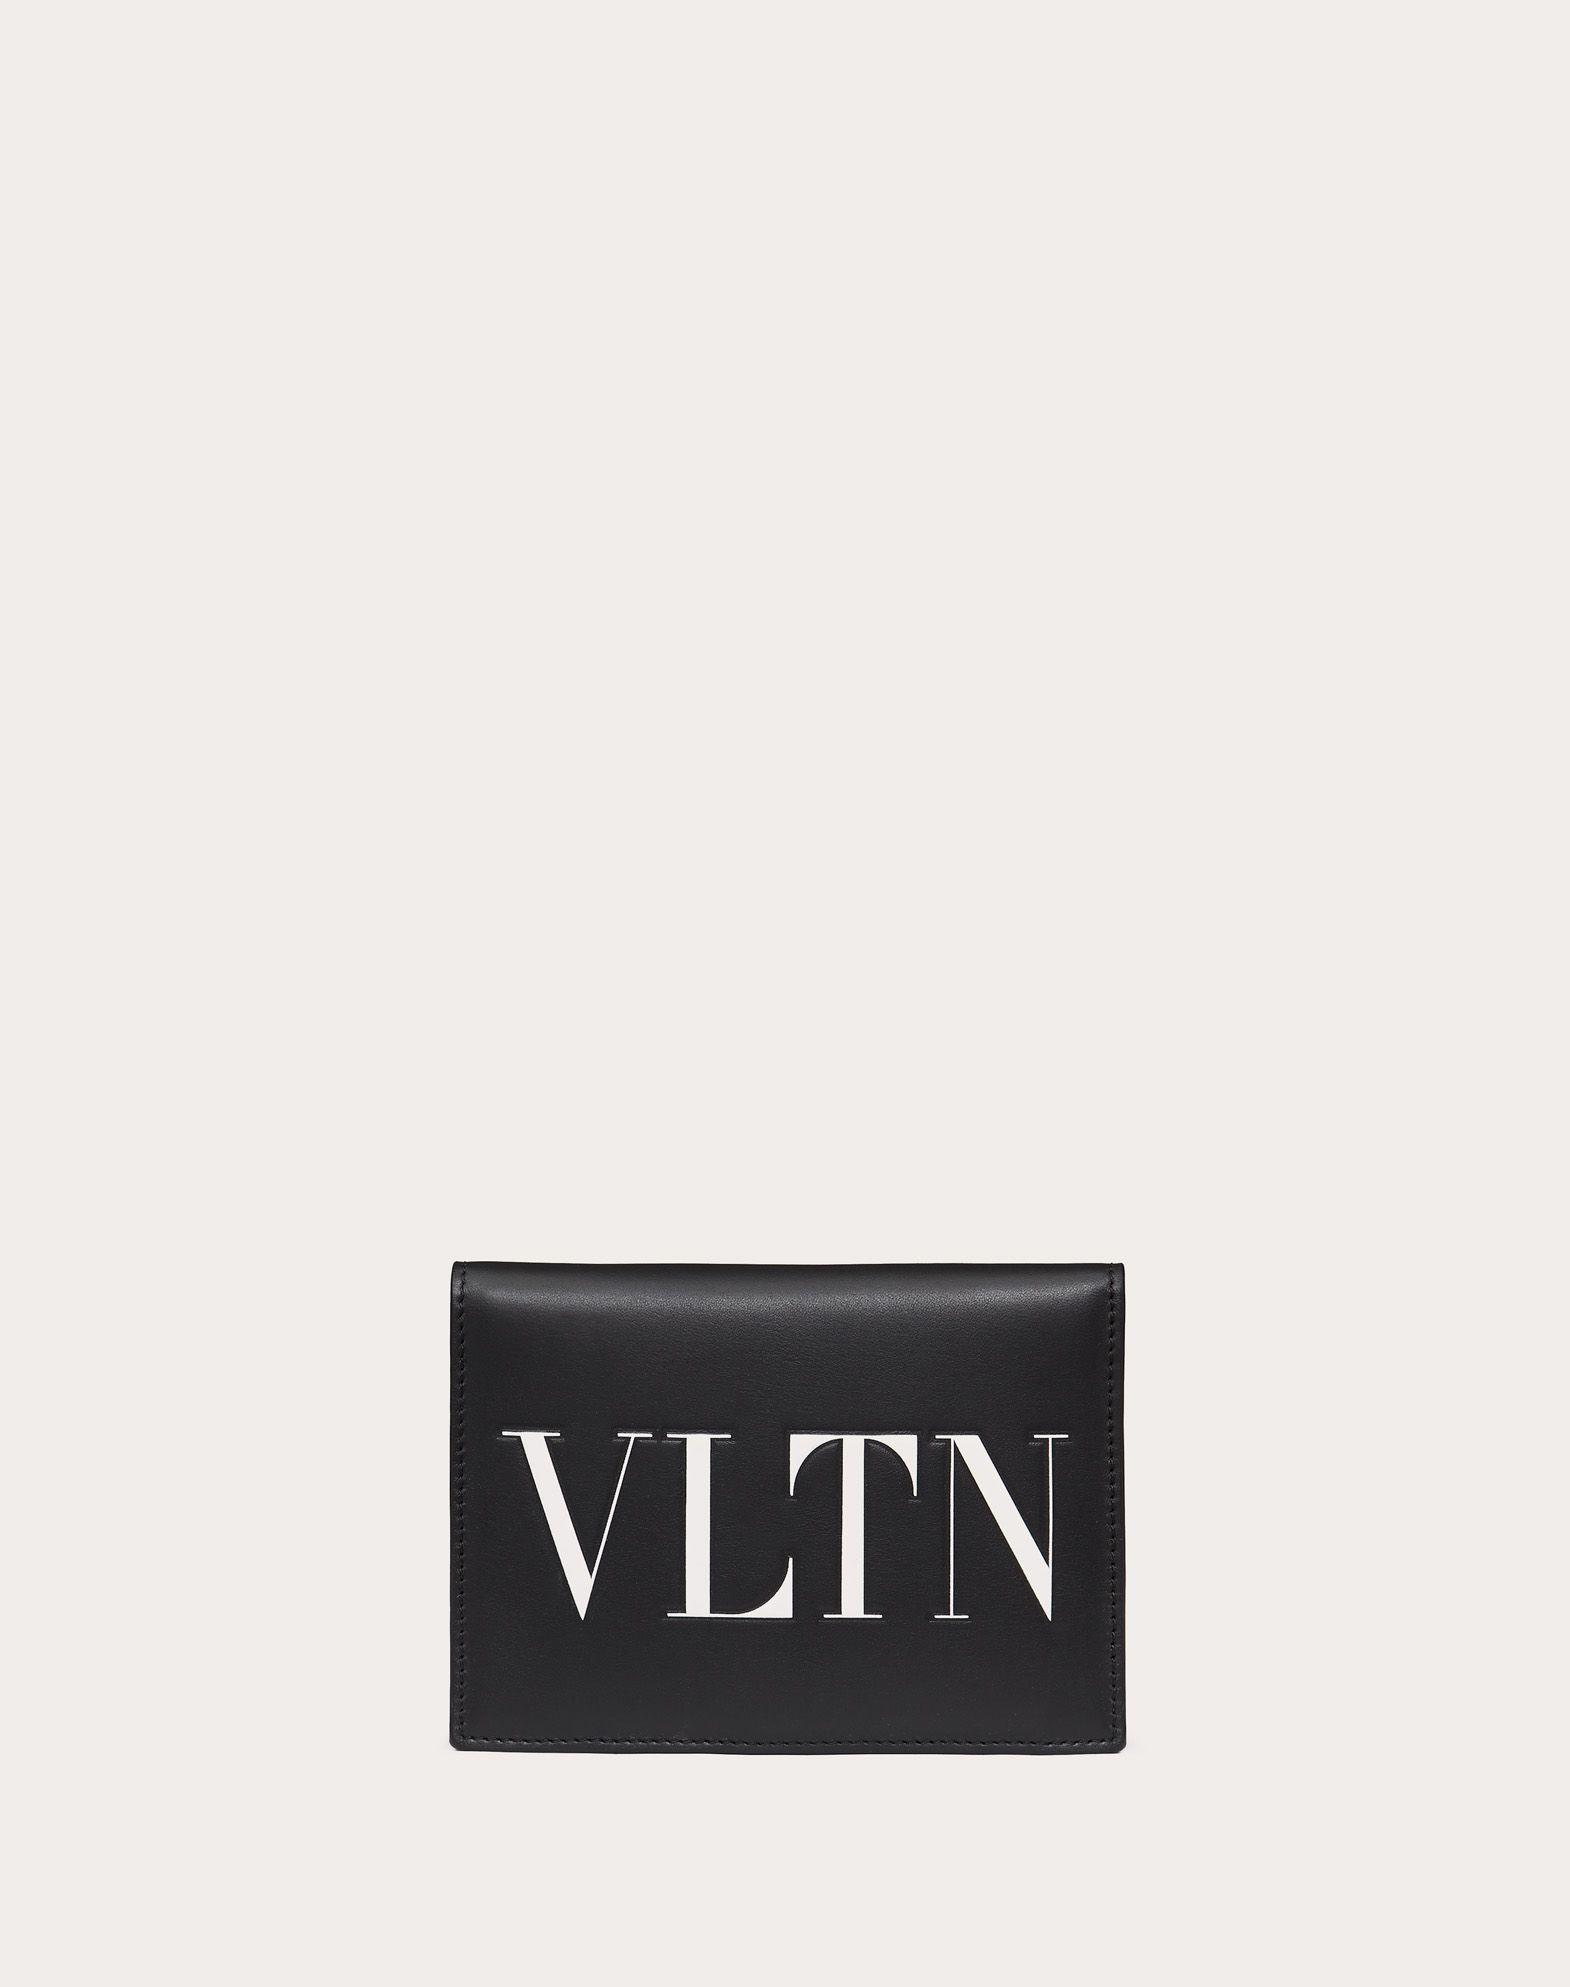 VLTN Passport Holder